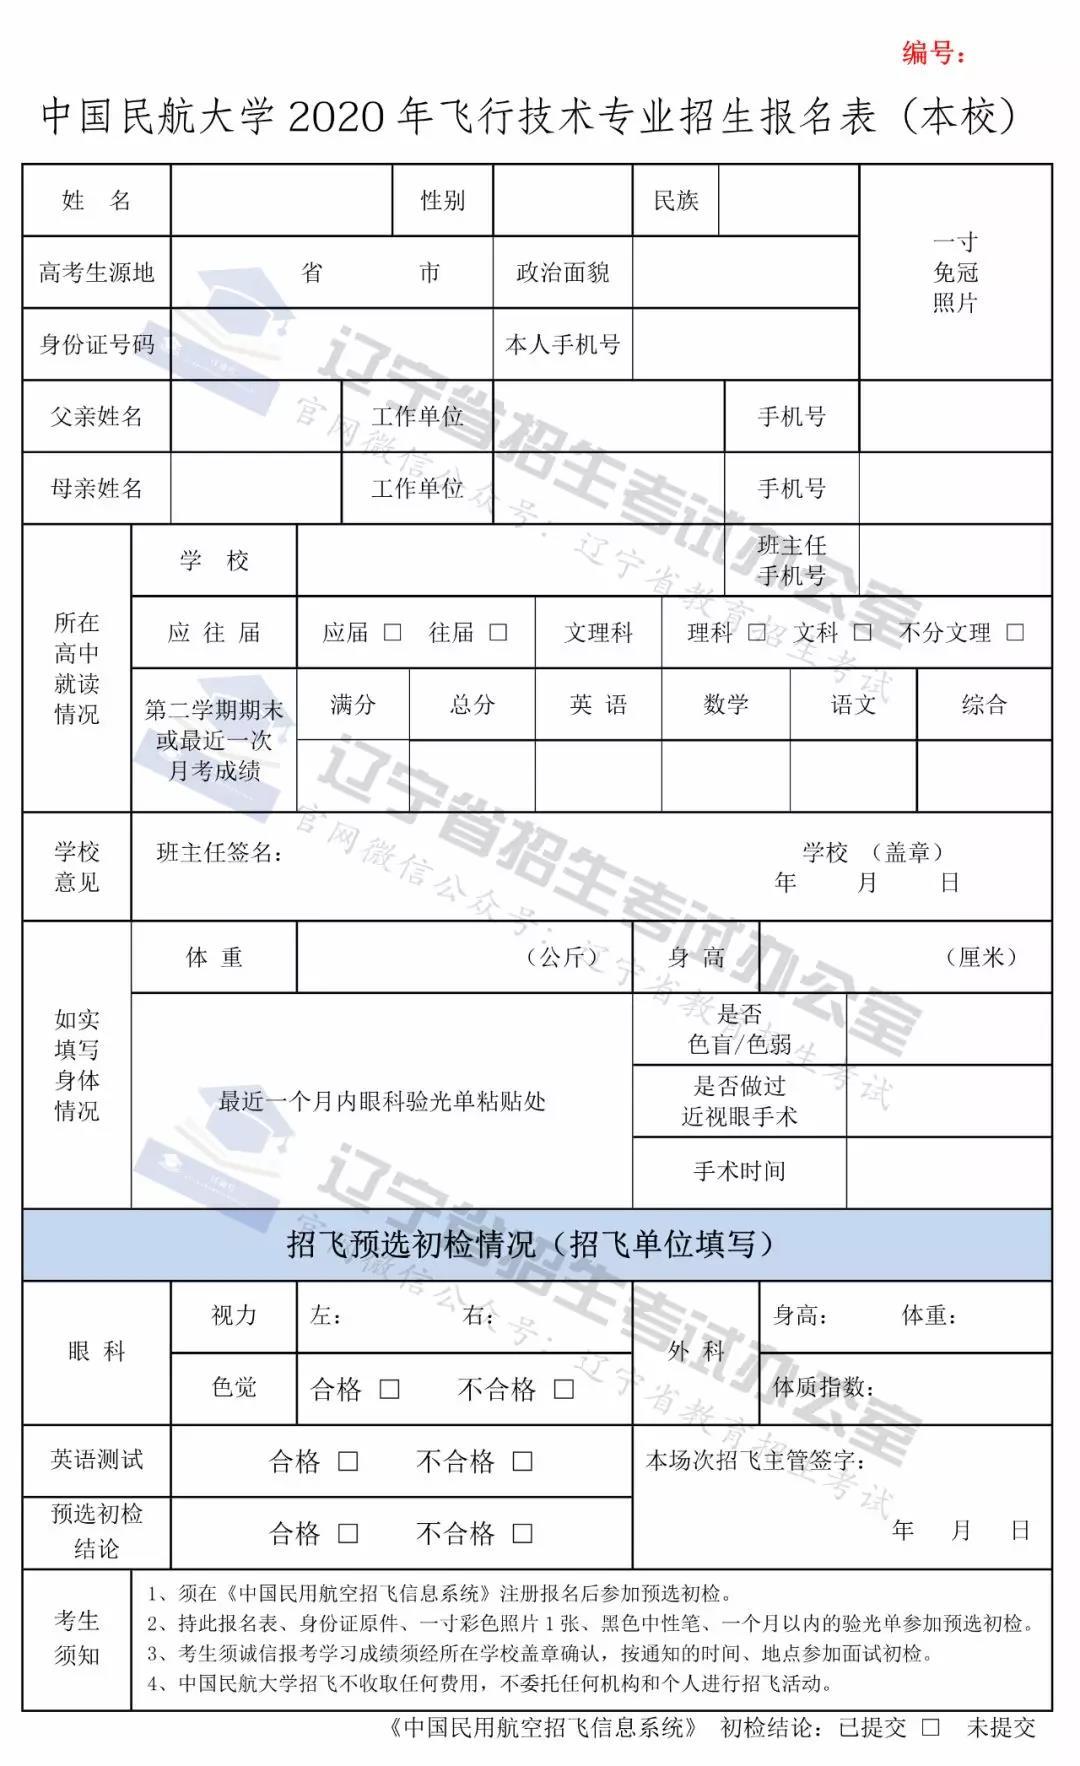 辽宁省2020年中国民航大学飞行技术专业招生简章1